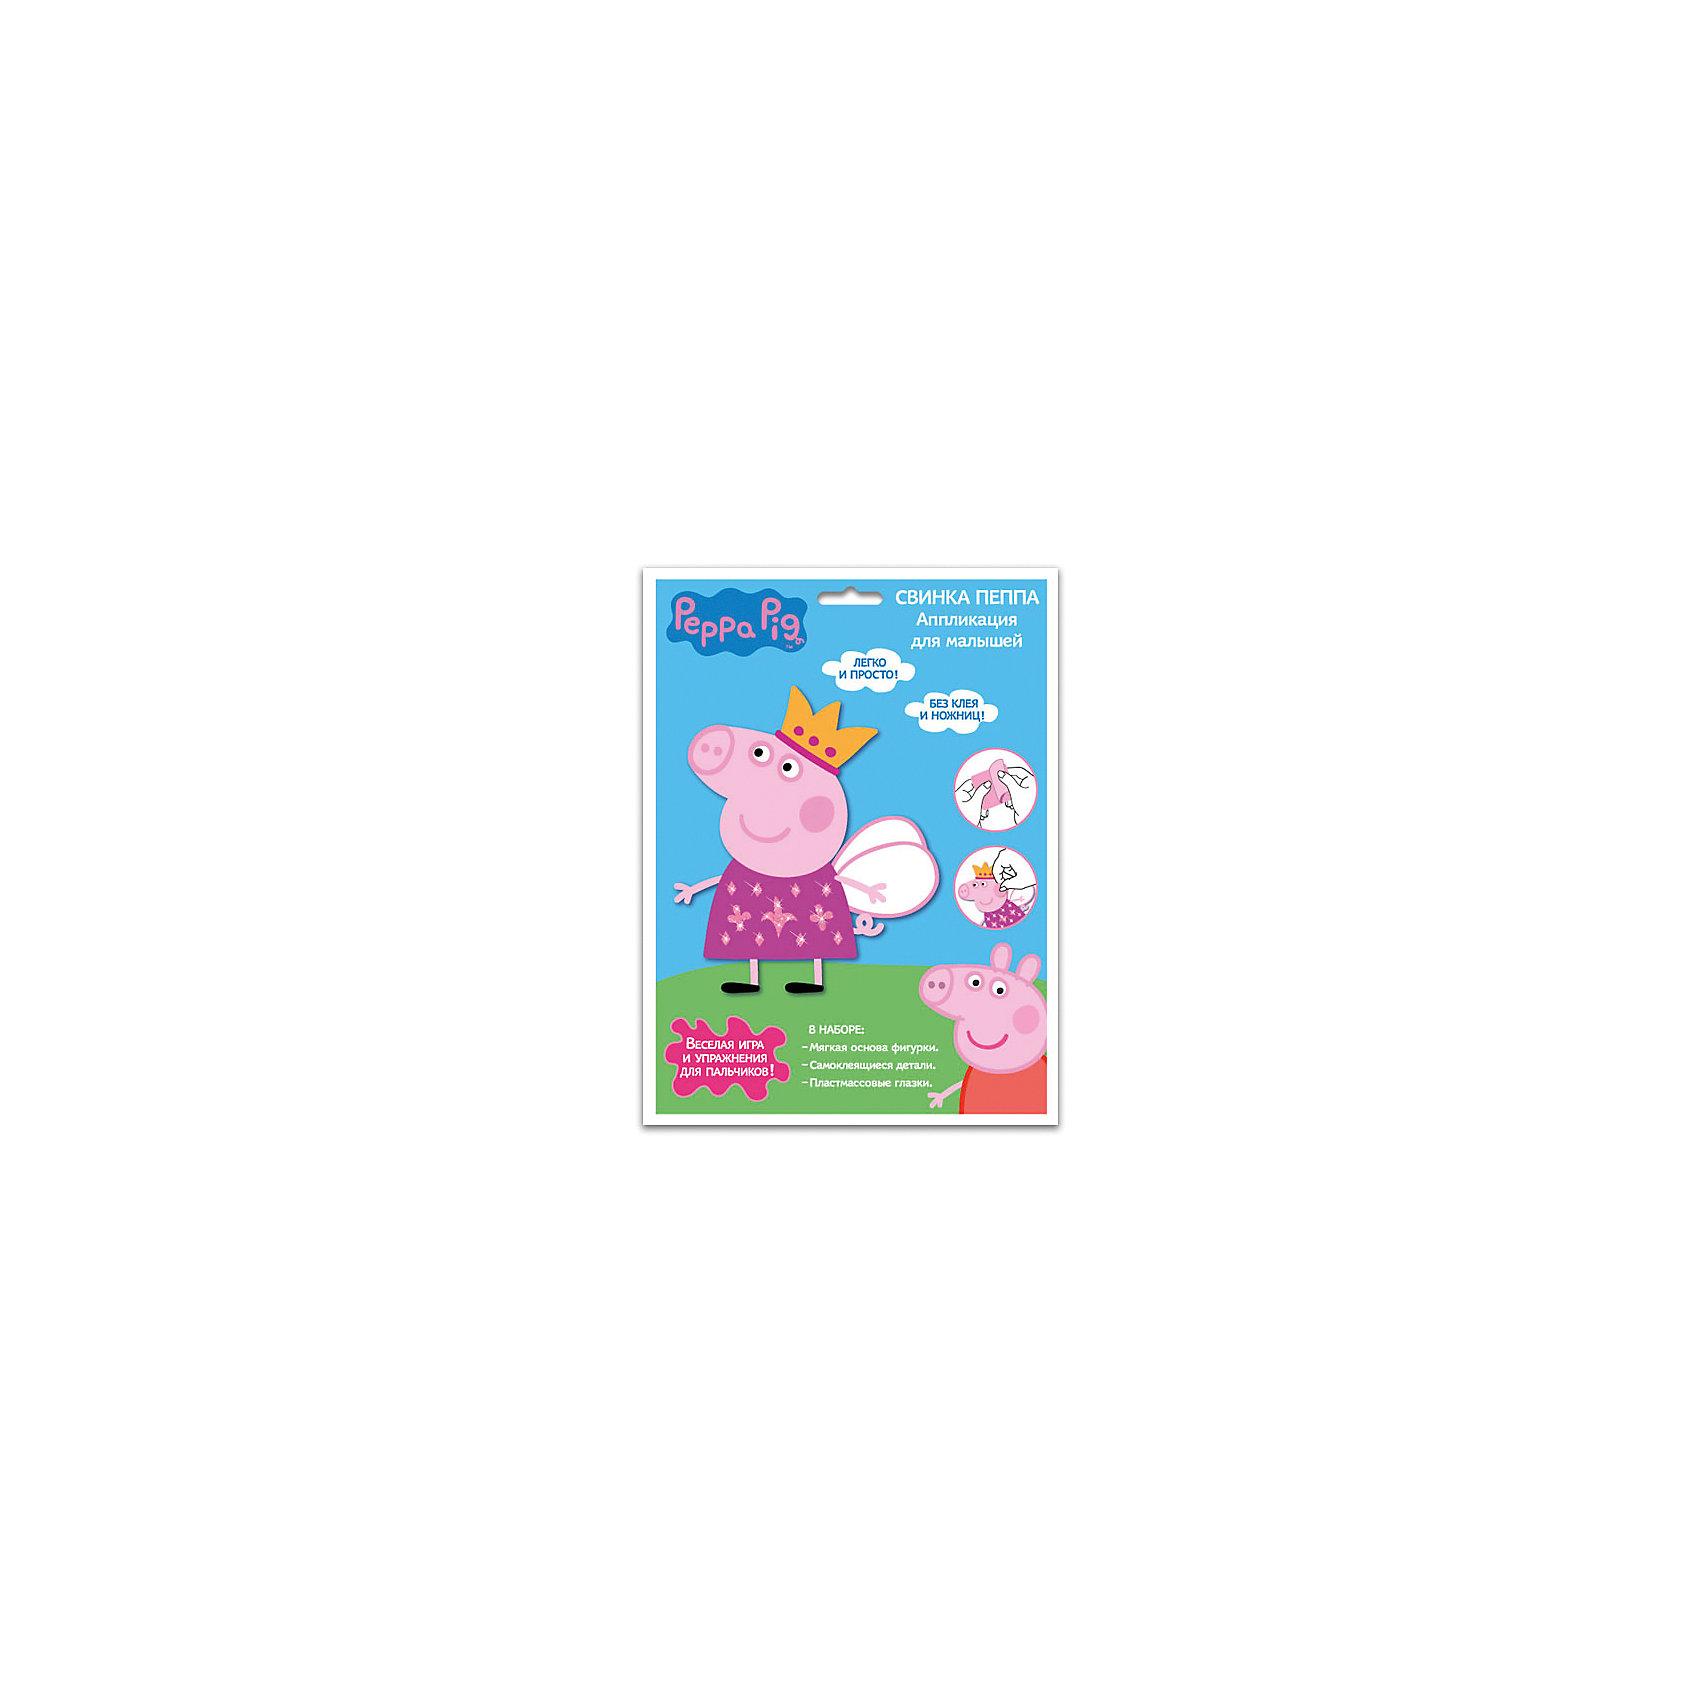 Объемная аппликация Свинка ПеппаОбъемная аппликация Свинка Пеппа (Peppa Pig), Свинка Пеппа - увлекательный набор для детского творчества, который поможет Вашему ребенку без ножниц и клея сделать фигурку любимой героини. Аппликация проста в исполнении и доступна даже для самых маленьких. Малышу нужно<br>лишь снять защитный слой с самоклеящихся деталей и наклеить их на цветную основу. Прикрепите готовой фигурке глазки и украсьте блестящими украшениями - у Вас получится очаровательная свинка Пеппа из популярного мультсериала Свинка Пеппа (Peppa Pig). Детали аппликации выполнены из мягкого материала ЭВА, легко приклеиваются и прочно держатся. Работа с аппликацией развивает у ребенка цветовое восприятие, образно-логическое мышление, пространственное воображение и мелкую моторику.<br><br>Дополнительная информация:<br><br>- В комплекте: мягкая основа фигурки, самоклеящиеся детали, блестящие детали с глиттером, пластиковые глазки.<br>- Размер фигурки: 19 х 16,5 см.<br>- Размер упаковки: 18 х 24 см.<br>- Вес: 54 гр.<br><br>Объемную аппликацию Свинка Пеппа (Peppa Pig), Свинка Пеппа, можно купить в нашем интернет-магазине.<br><br>Ширина мм: 240<br>Глубина мм: 180<br>Высота мм: 8<br>Вес г: 37<br>Возраст от месяцев: 36<br>Возраст до месяцев: 72<br>Пол: Унисекс<br>Возраст: Детский<br>SKU: 4244185